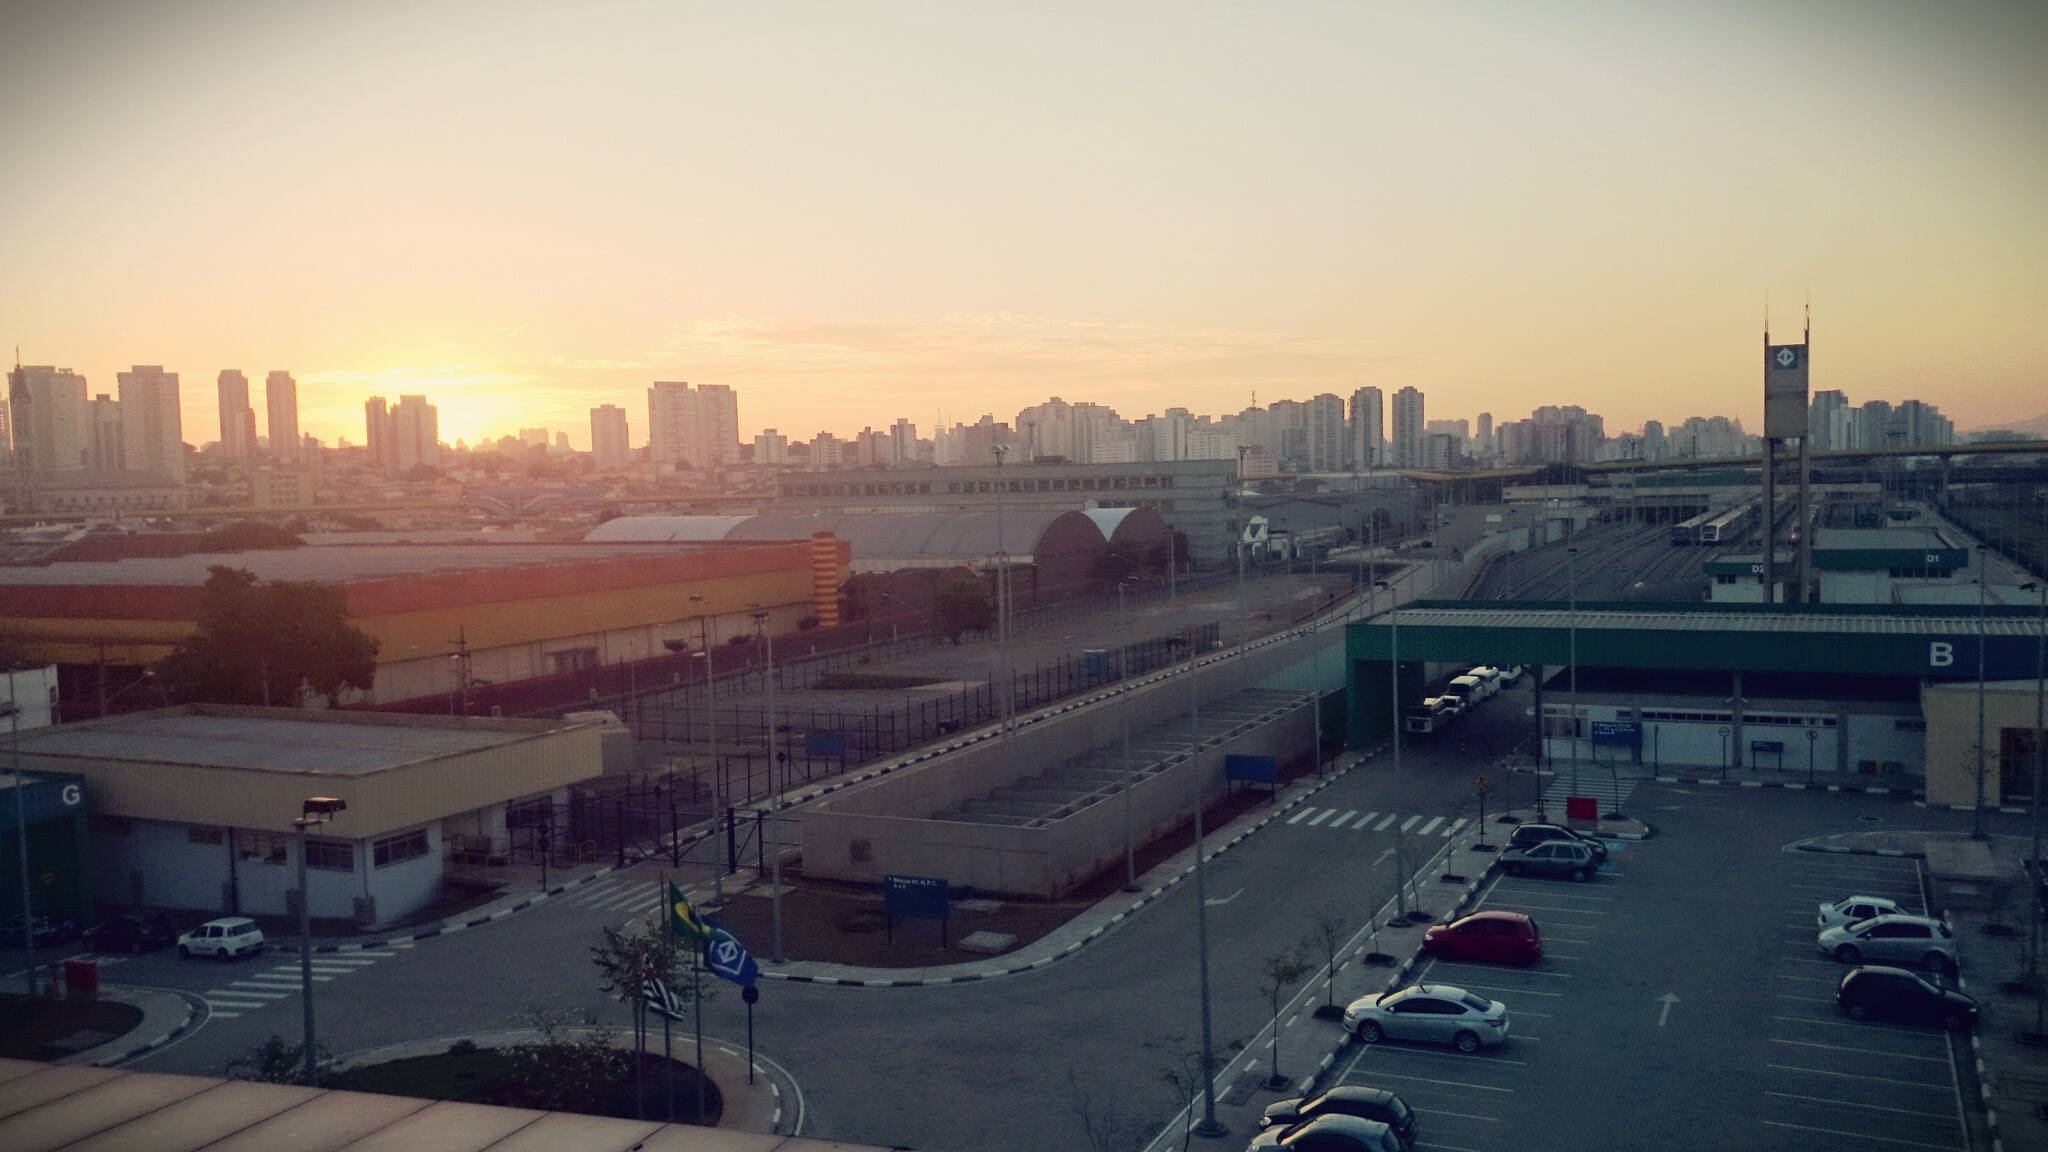 Não é preciso abrir espaço na agenda para apreciar a vista de São Paulo. Algumas estações do Metrô, como a Tamaduateí (Linha 2) trazem uma paisagem estonteante. Foto: Reprodução/Flickr/Leandro Ribeiro